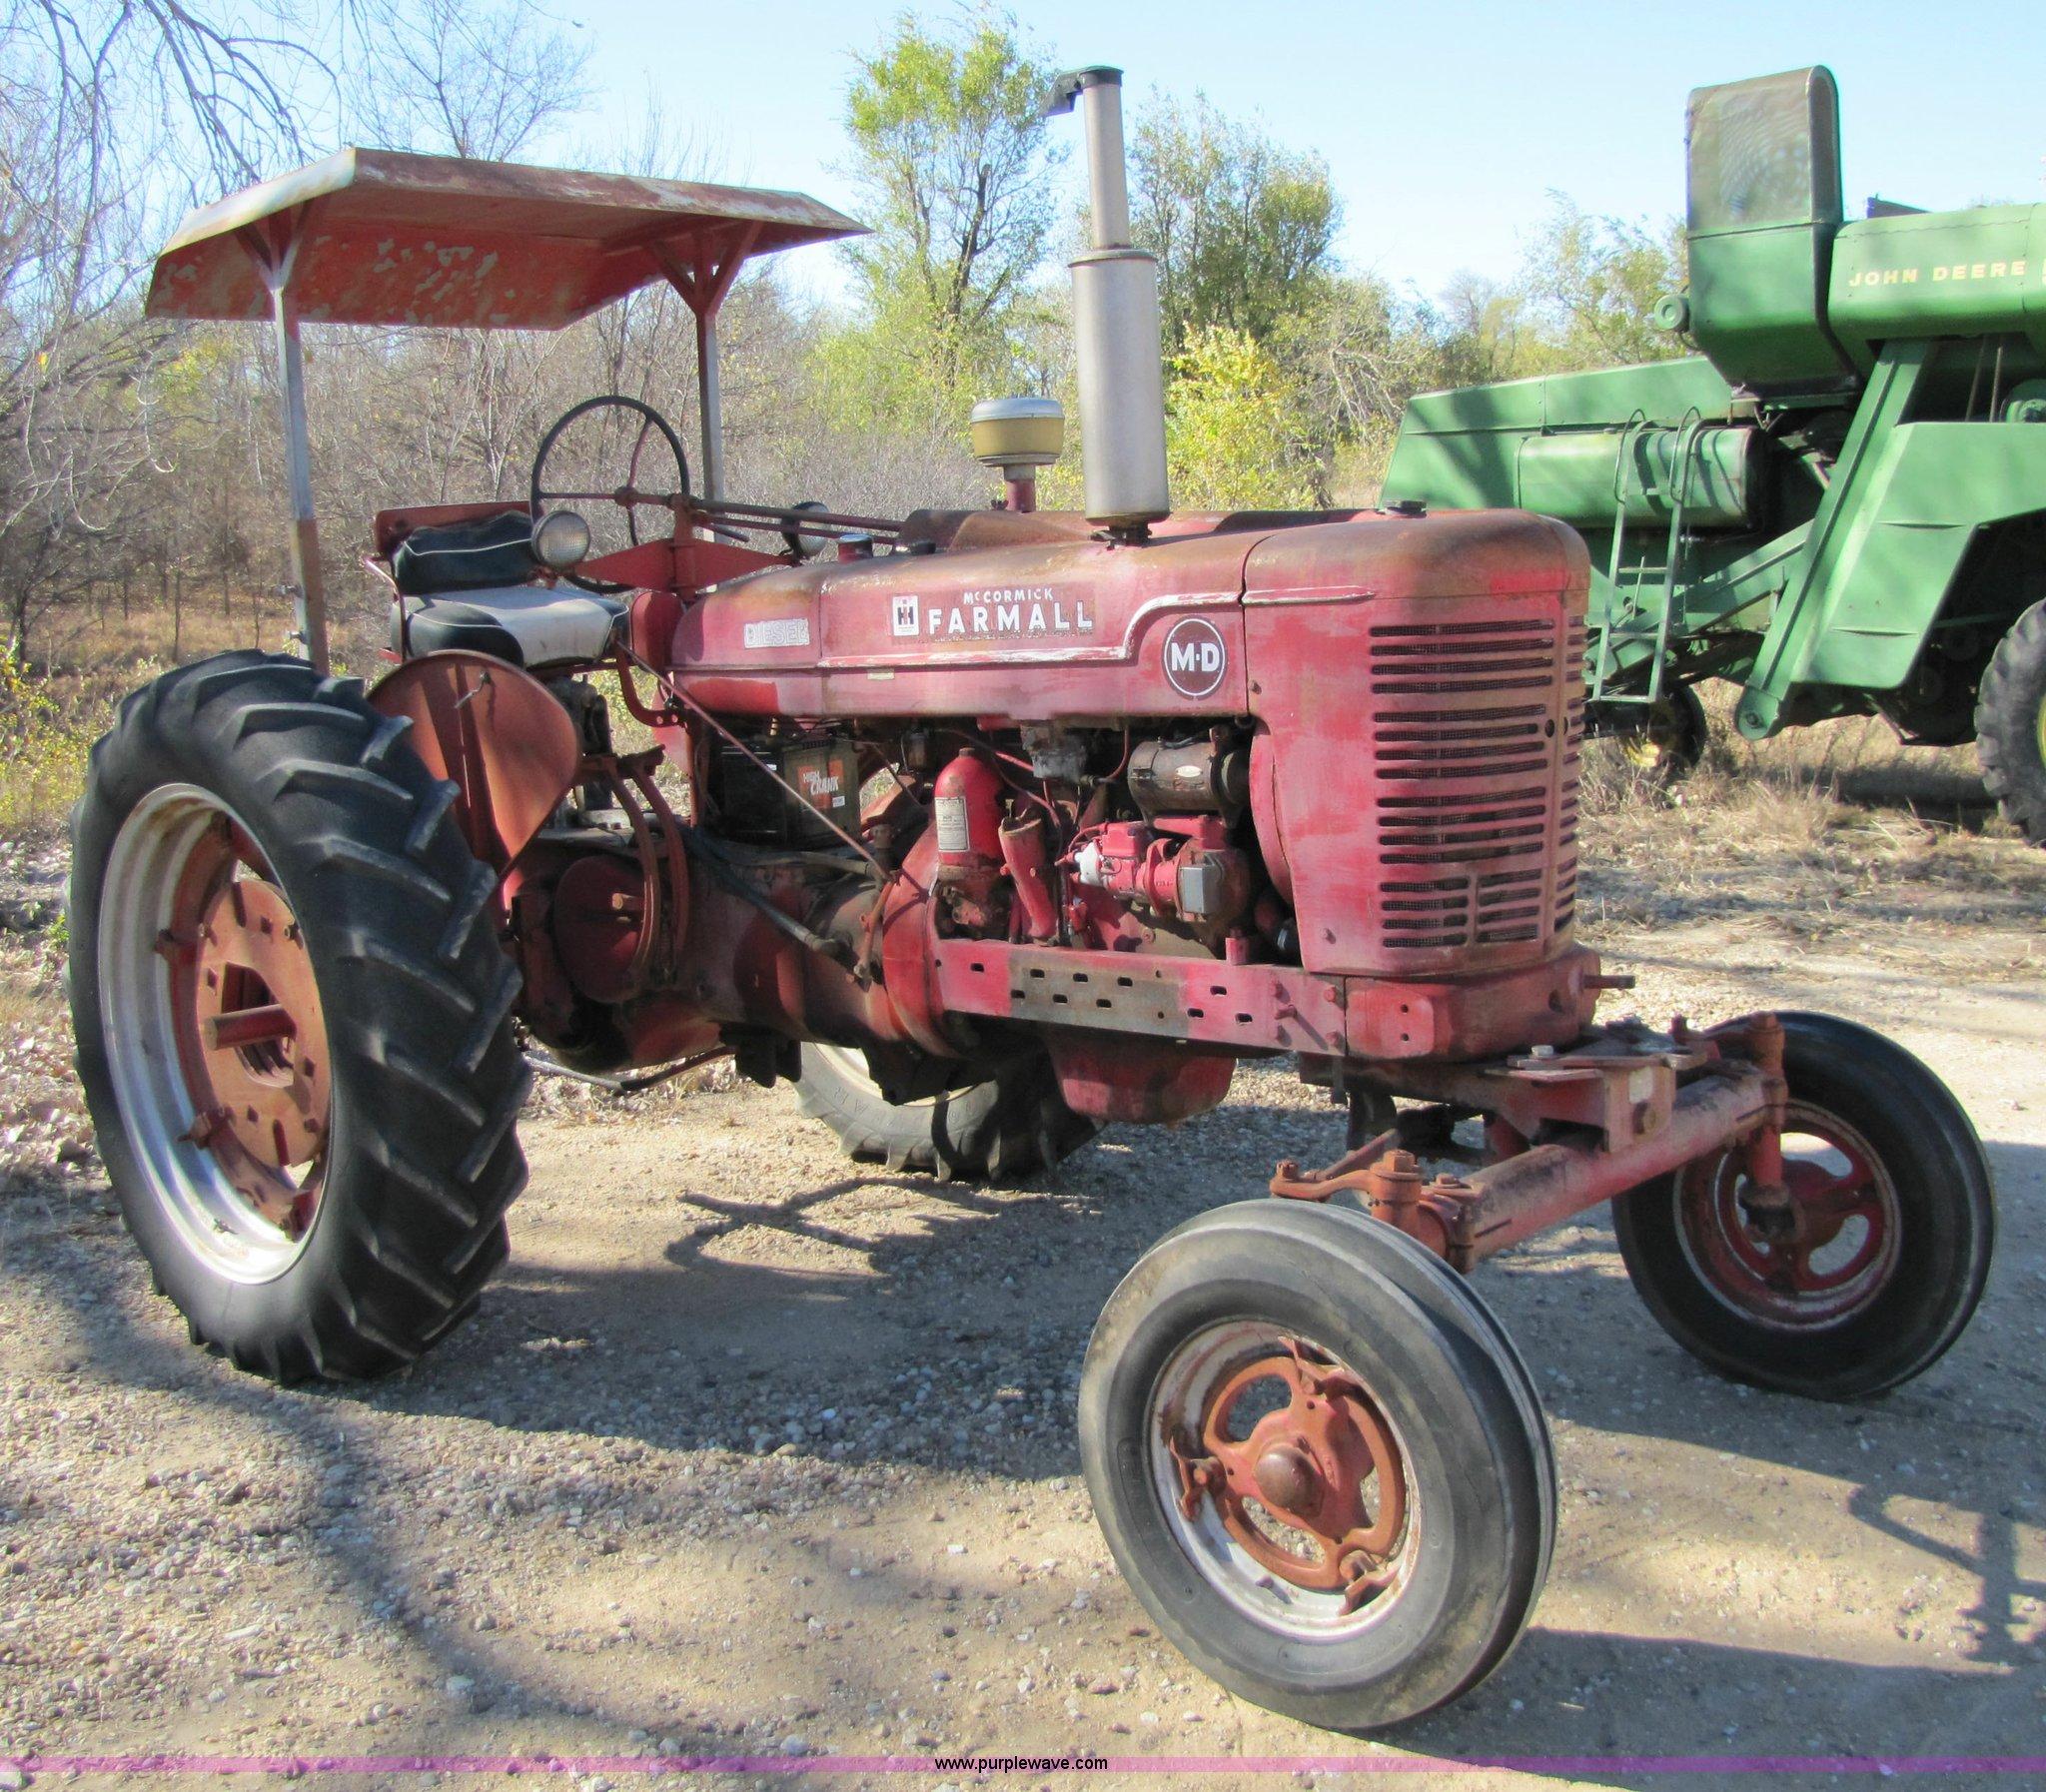 International Farmall MD tractor Item 5154